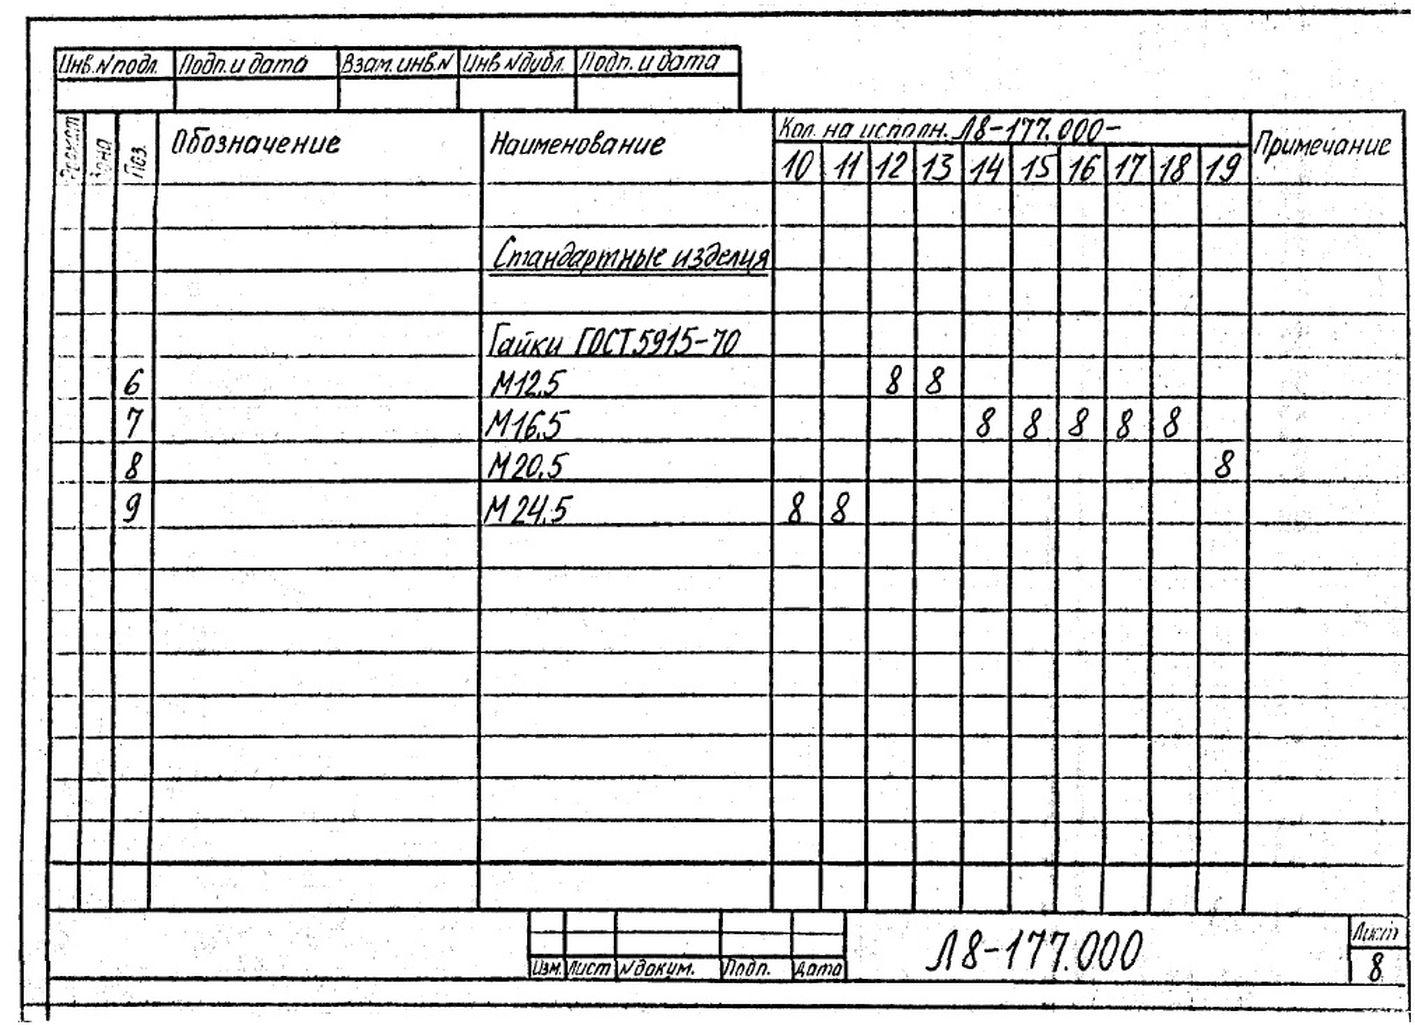 Блок пружинный Л8-177.000 стр.10